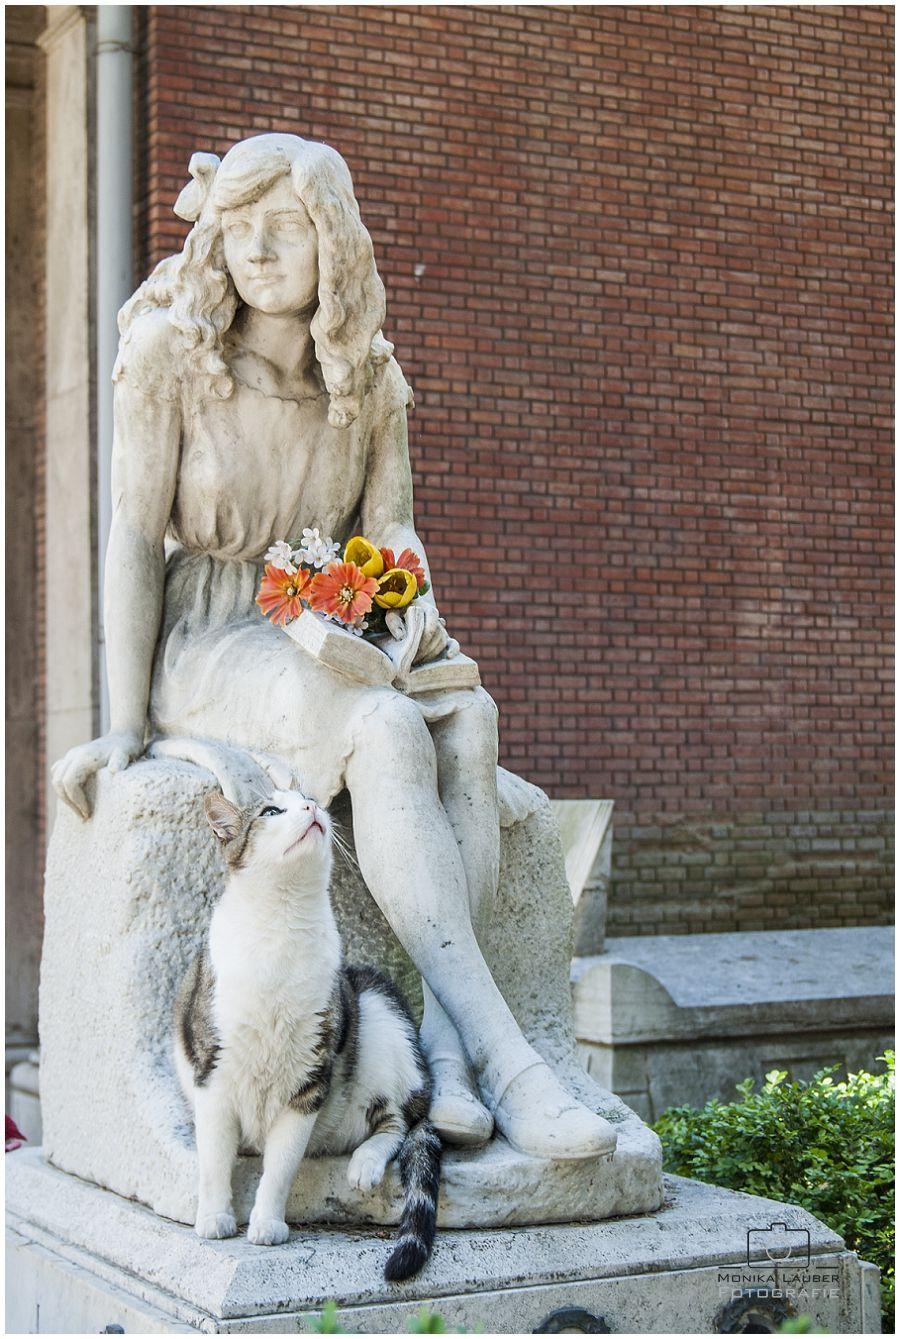 Girl and Cat, Photo by Monika Lauber Location: Cimitero Comunale Monumentale Campo Verano, Rome, Italy